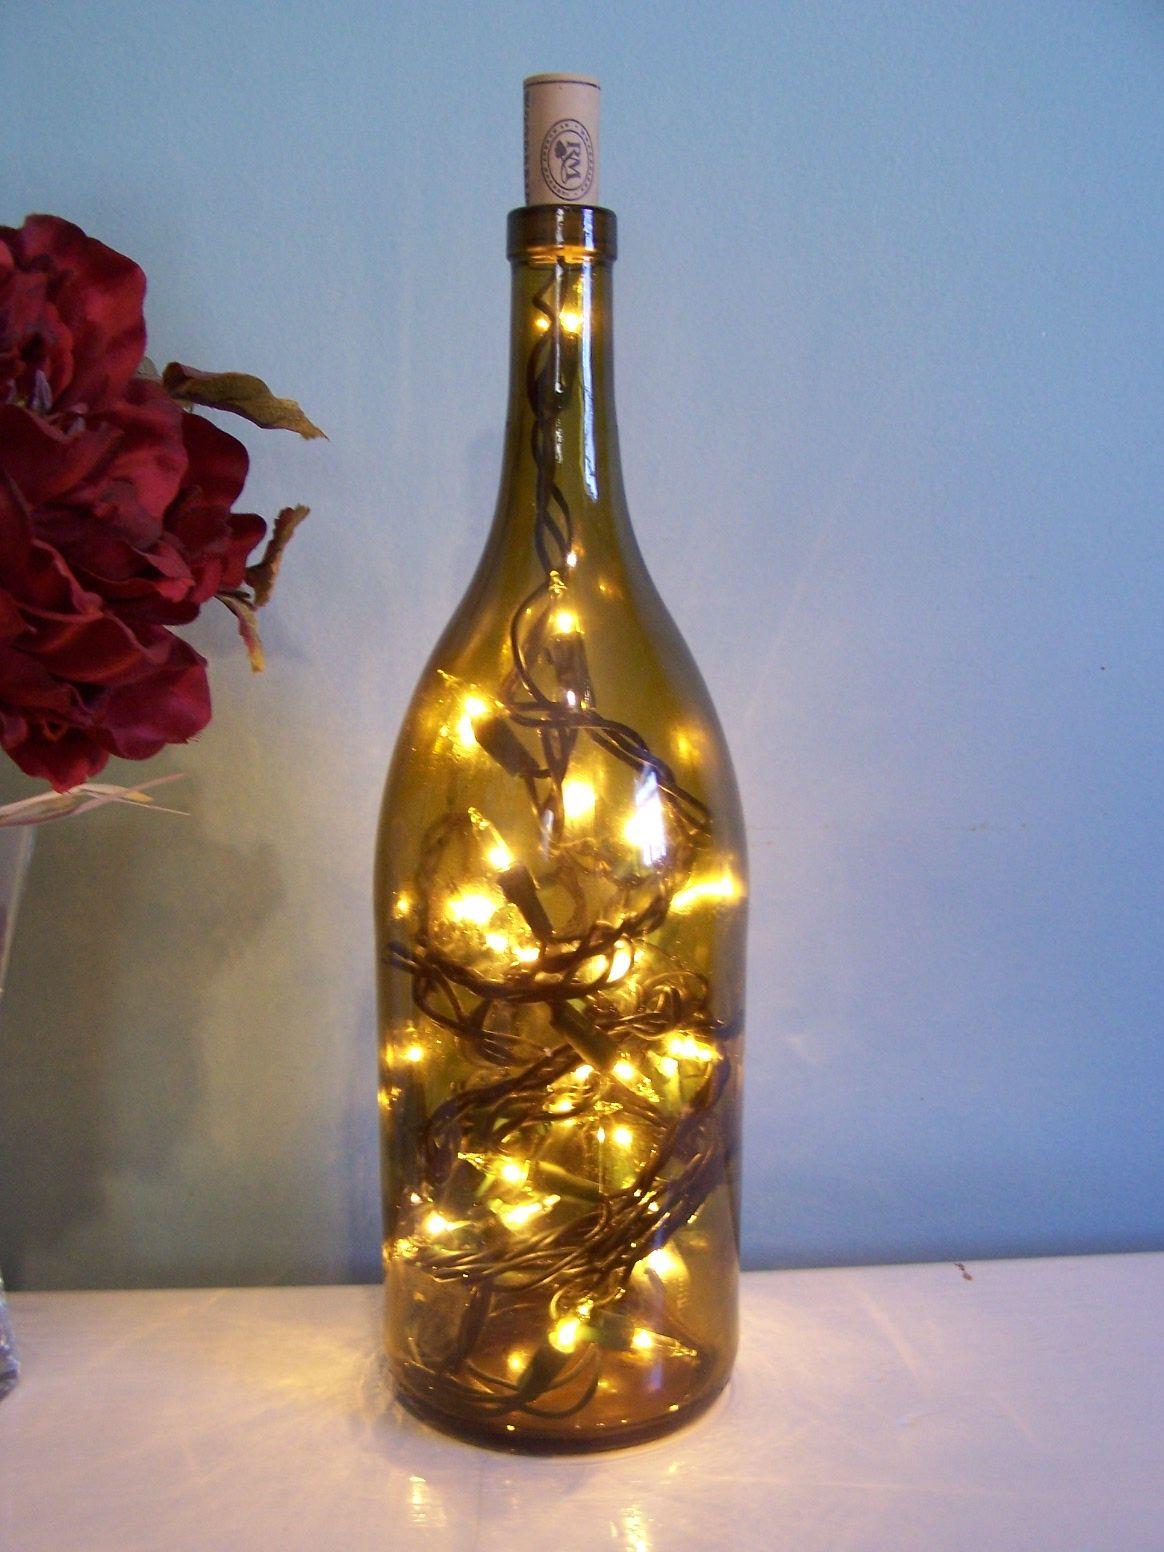 Wine Bottle Decoration With Lights Wine Bottle Light Decoration  Crafts I D Like To Make  Pinterest